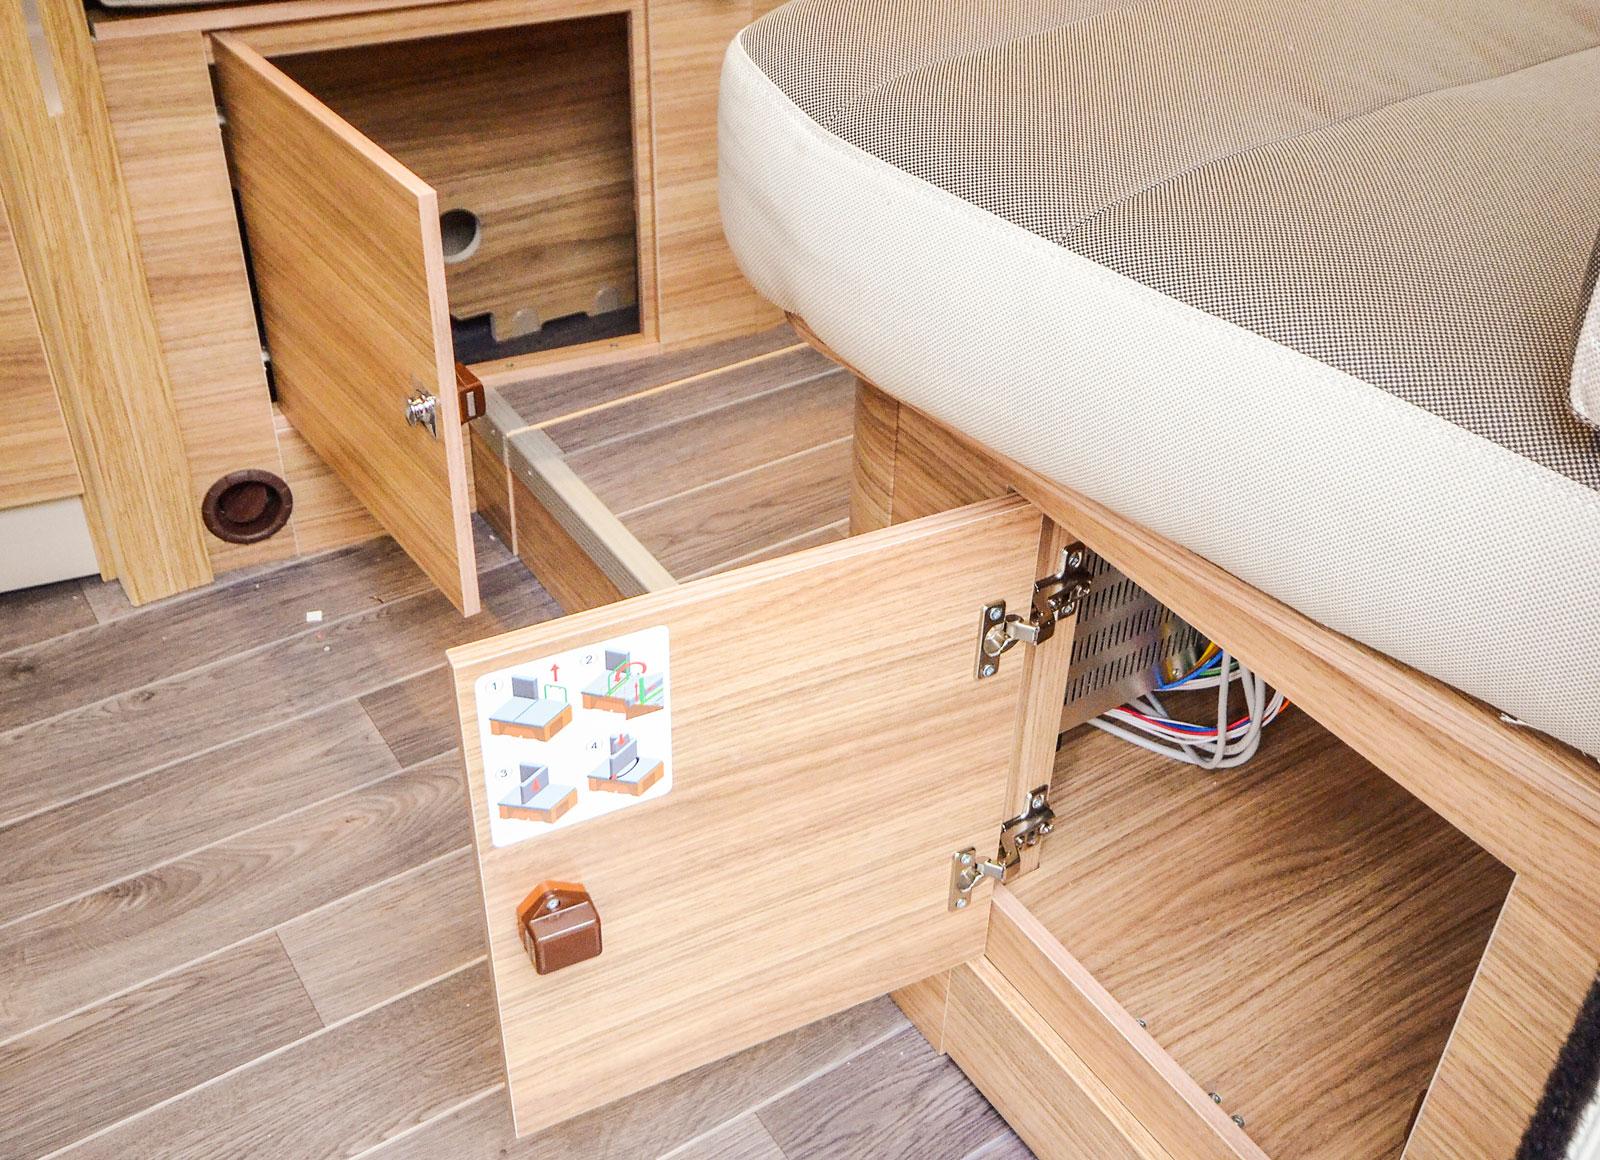 Under båda sofforna finns praktiska utrymmen för exempelvis skor.